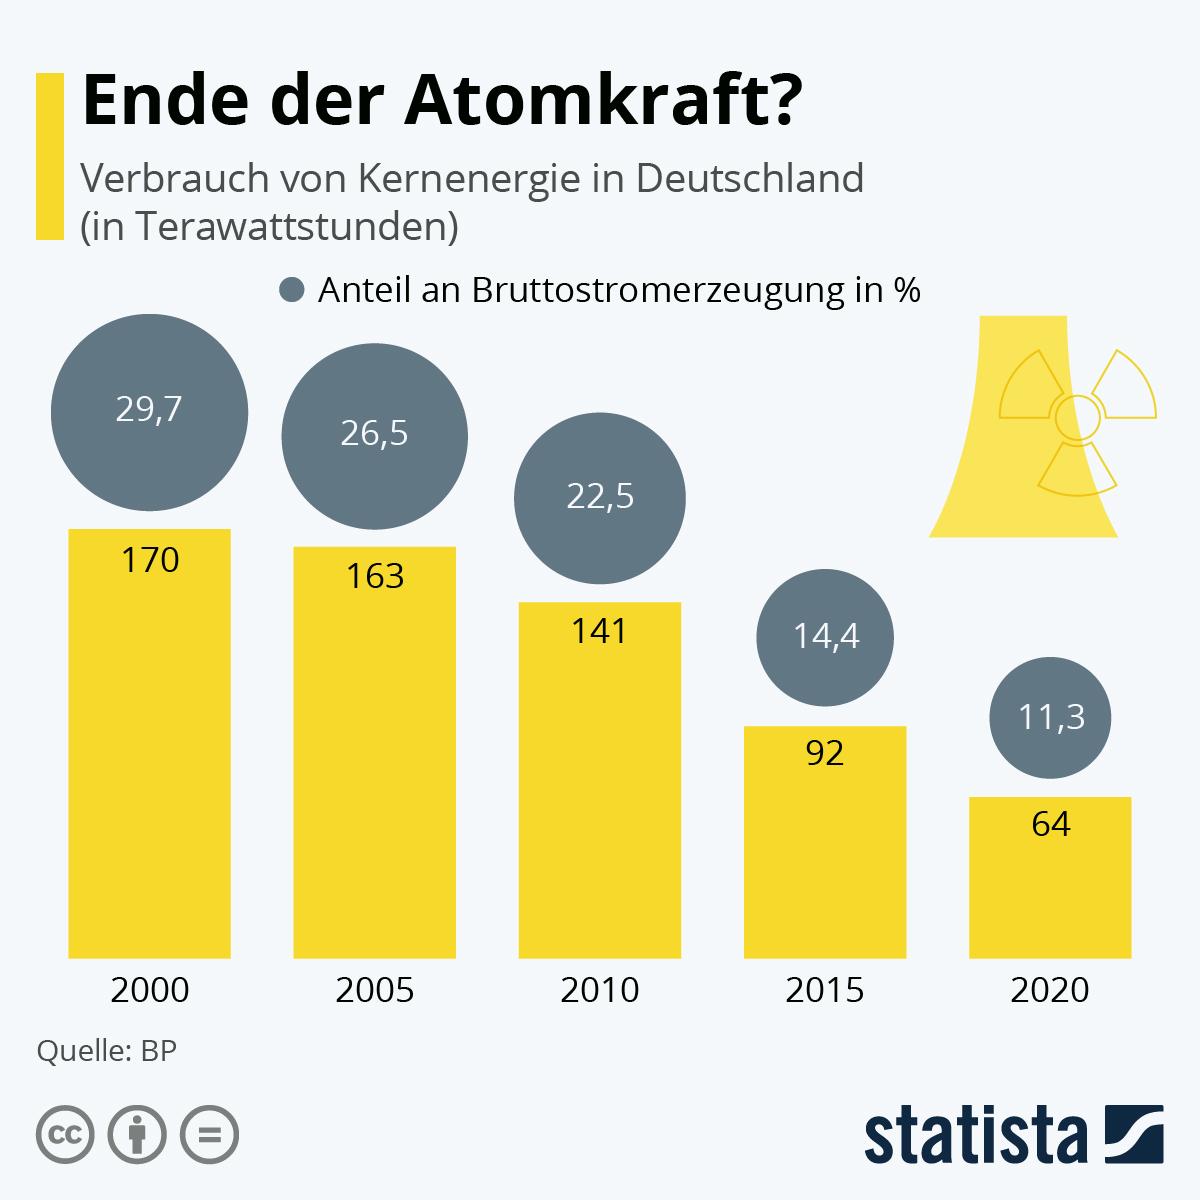 Infografik: Ende der Atomkraft? | Statista